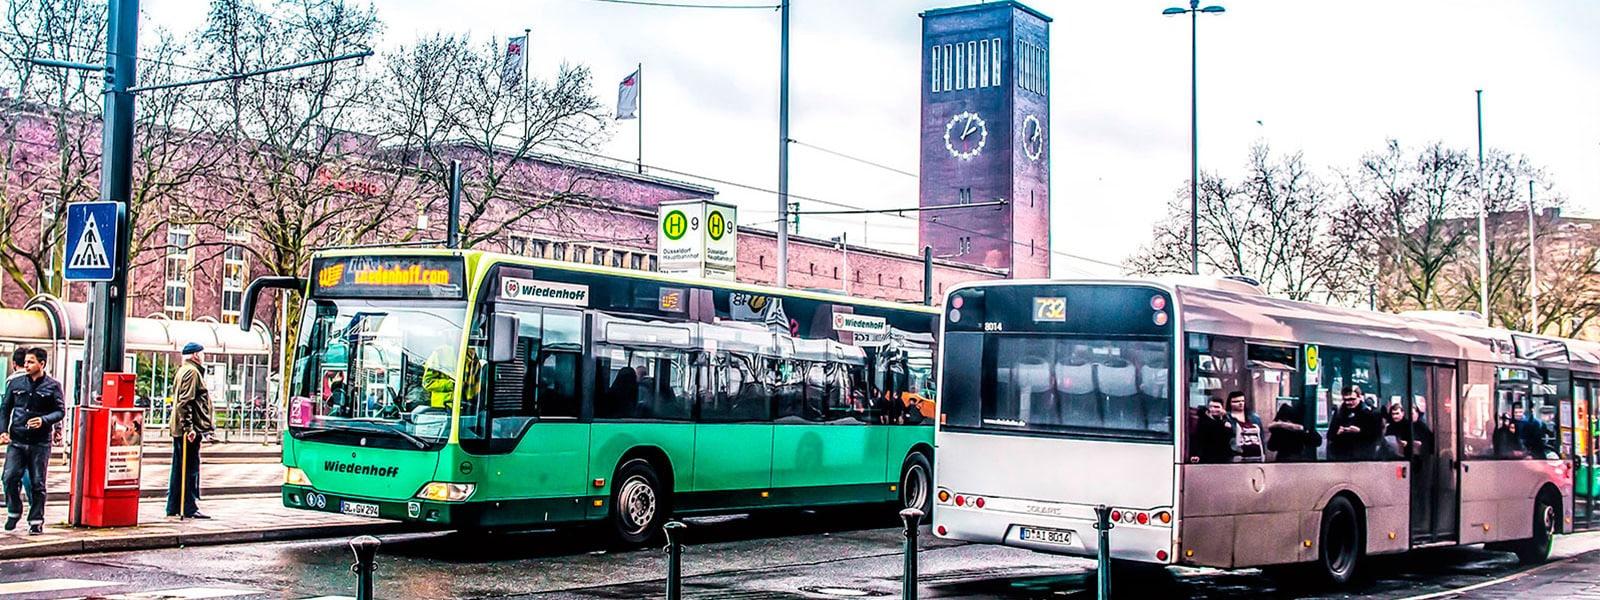 neuss-Verkehrsmittelwerbung-bus-werbung